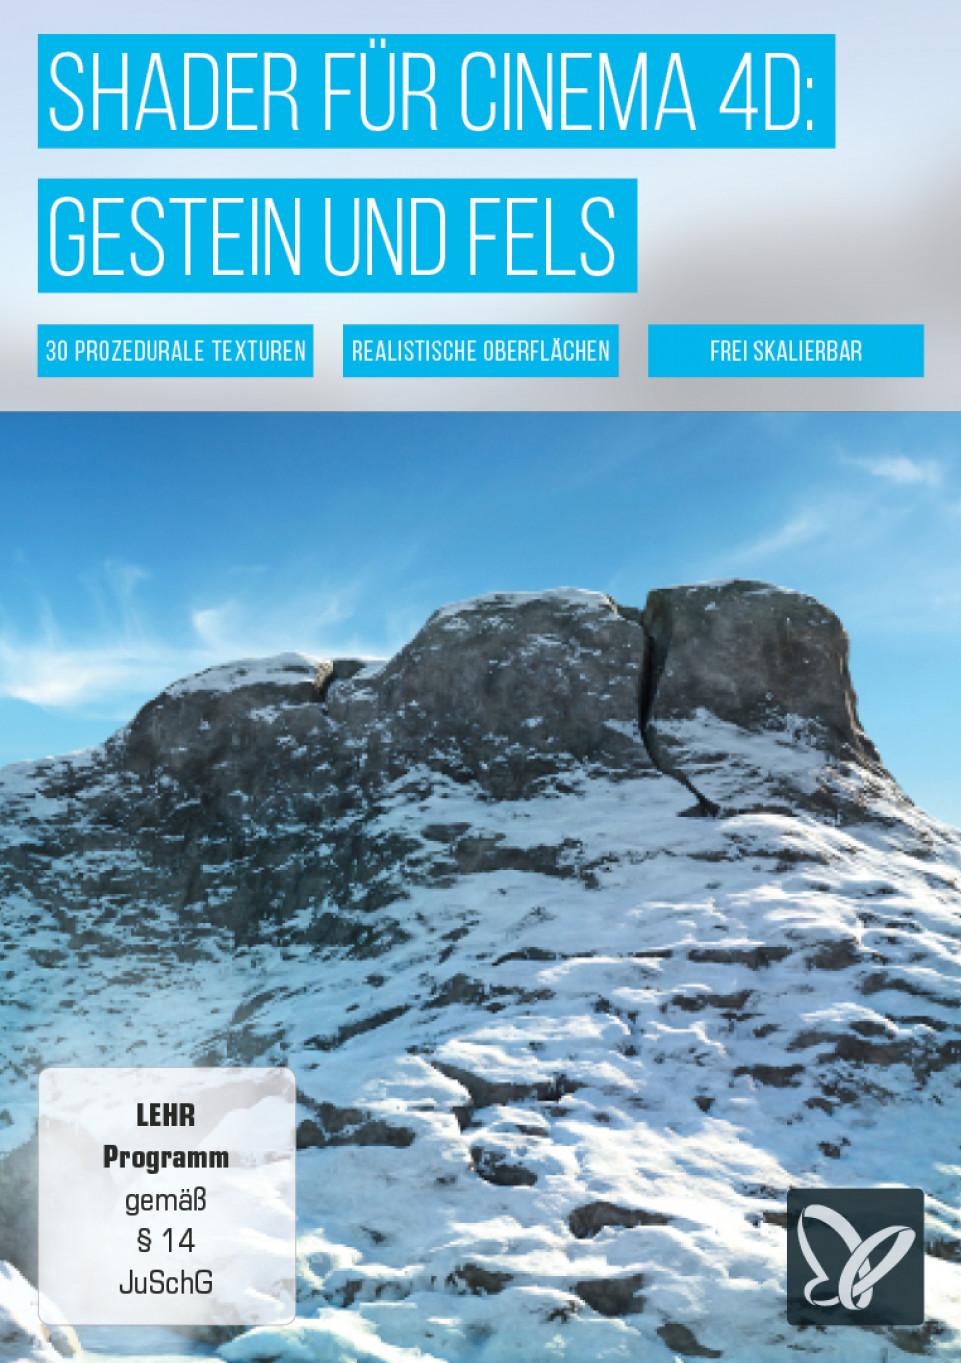 Cinema 4D Texturen: Fels- und Stein-Textur